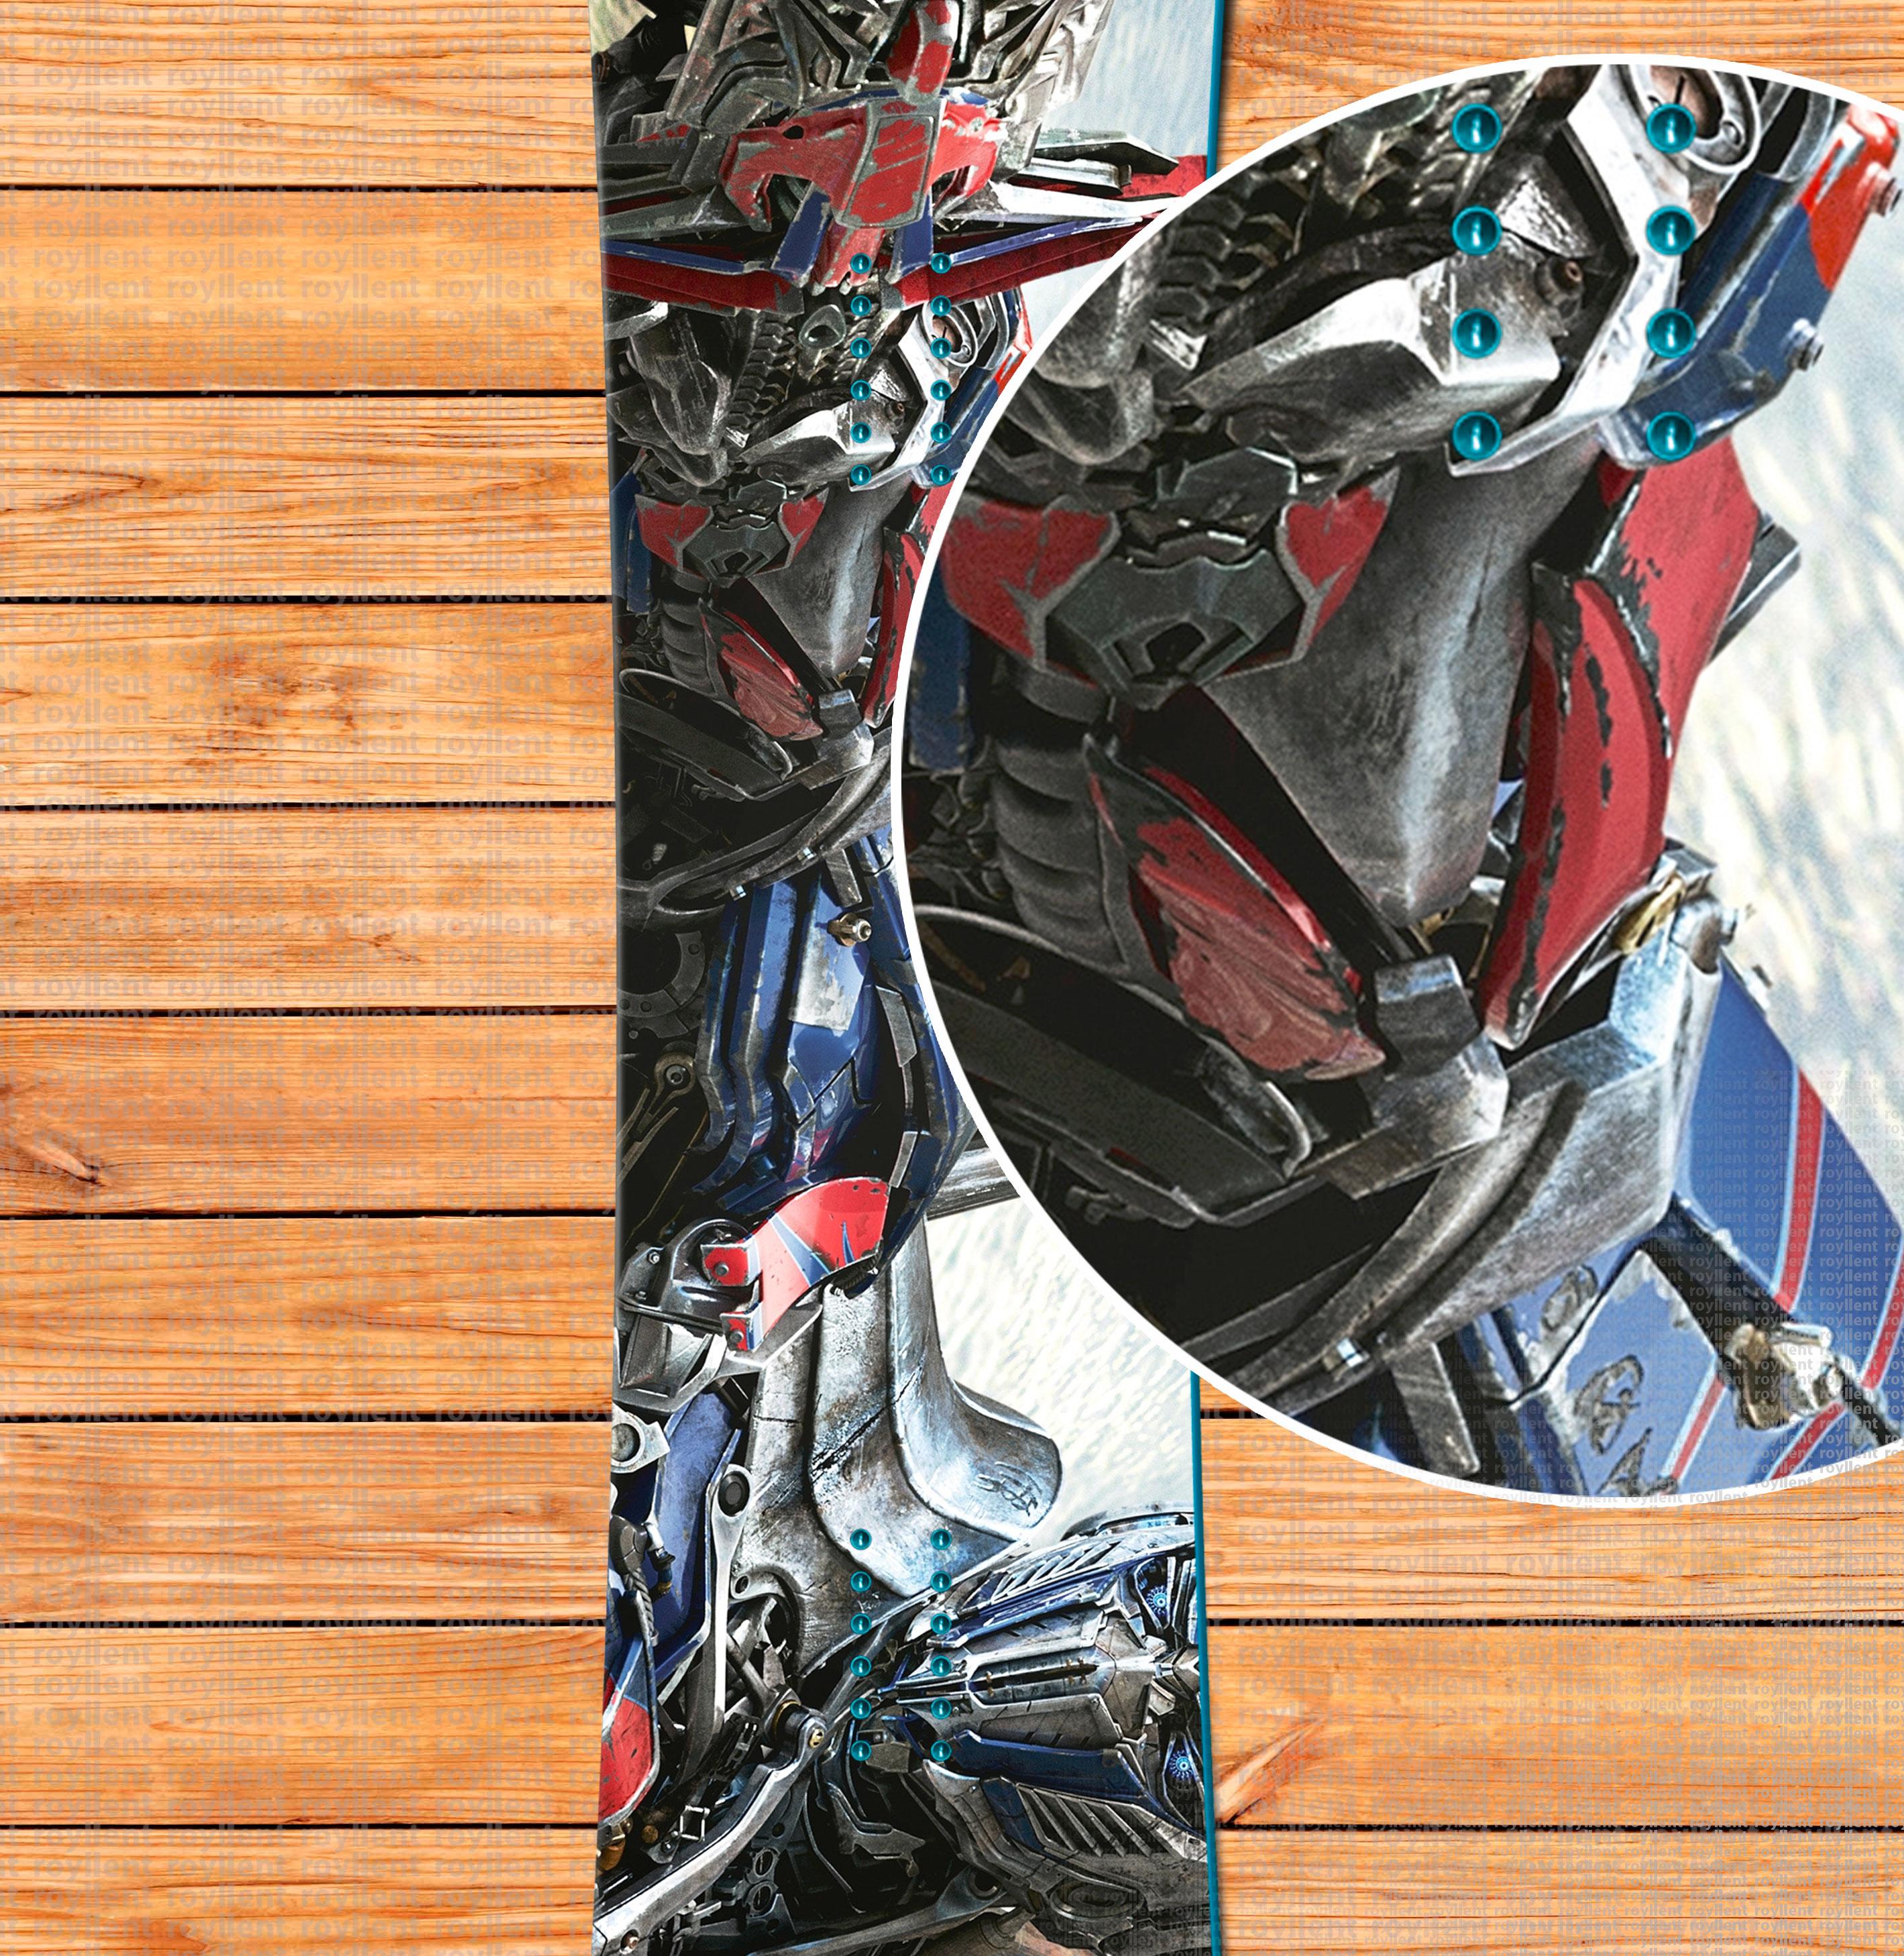 Полноразмерная виниловая наклейка купить в интернет магазине Optimus Prime in Transformers 4